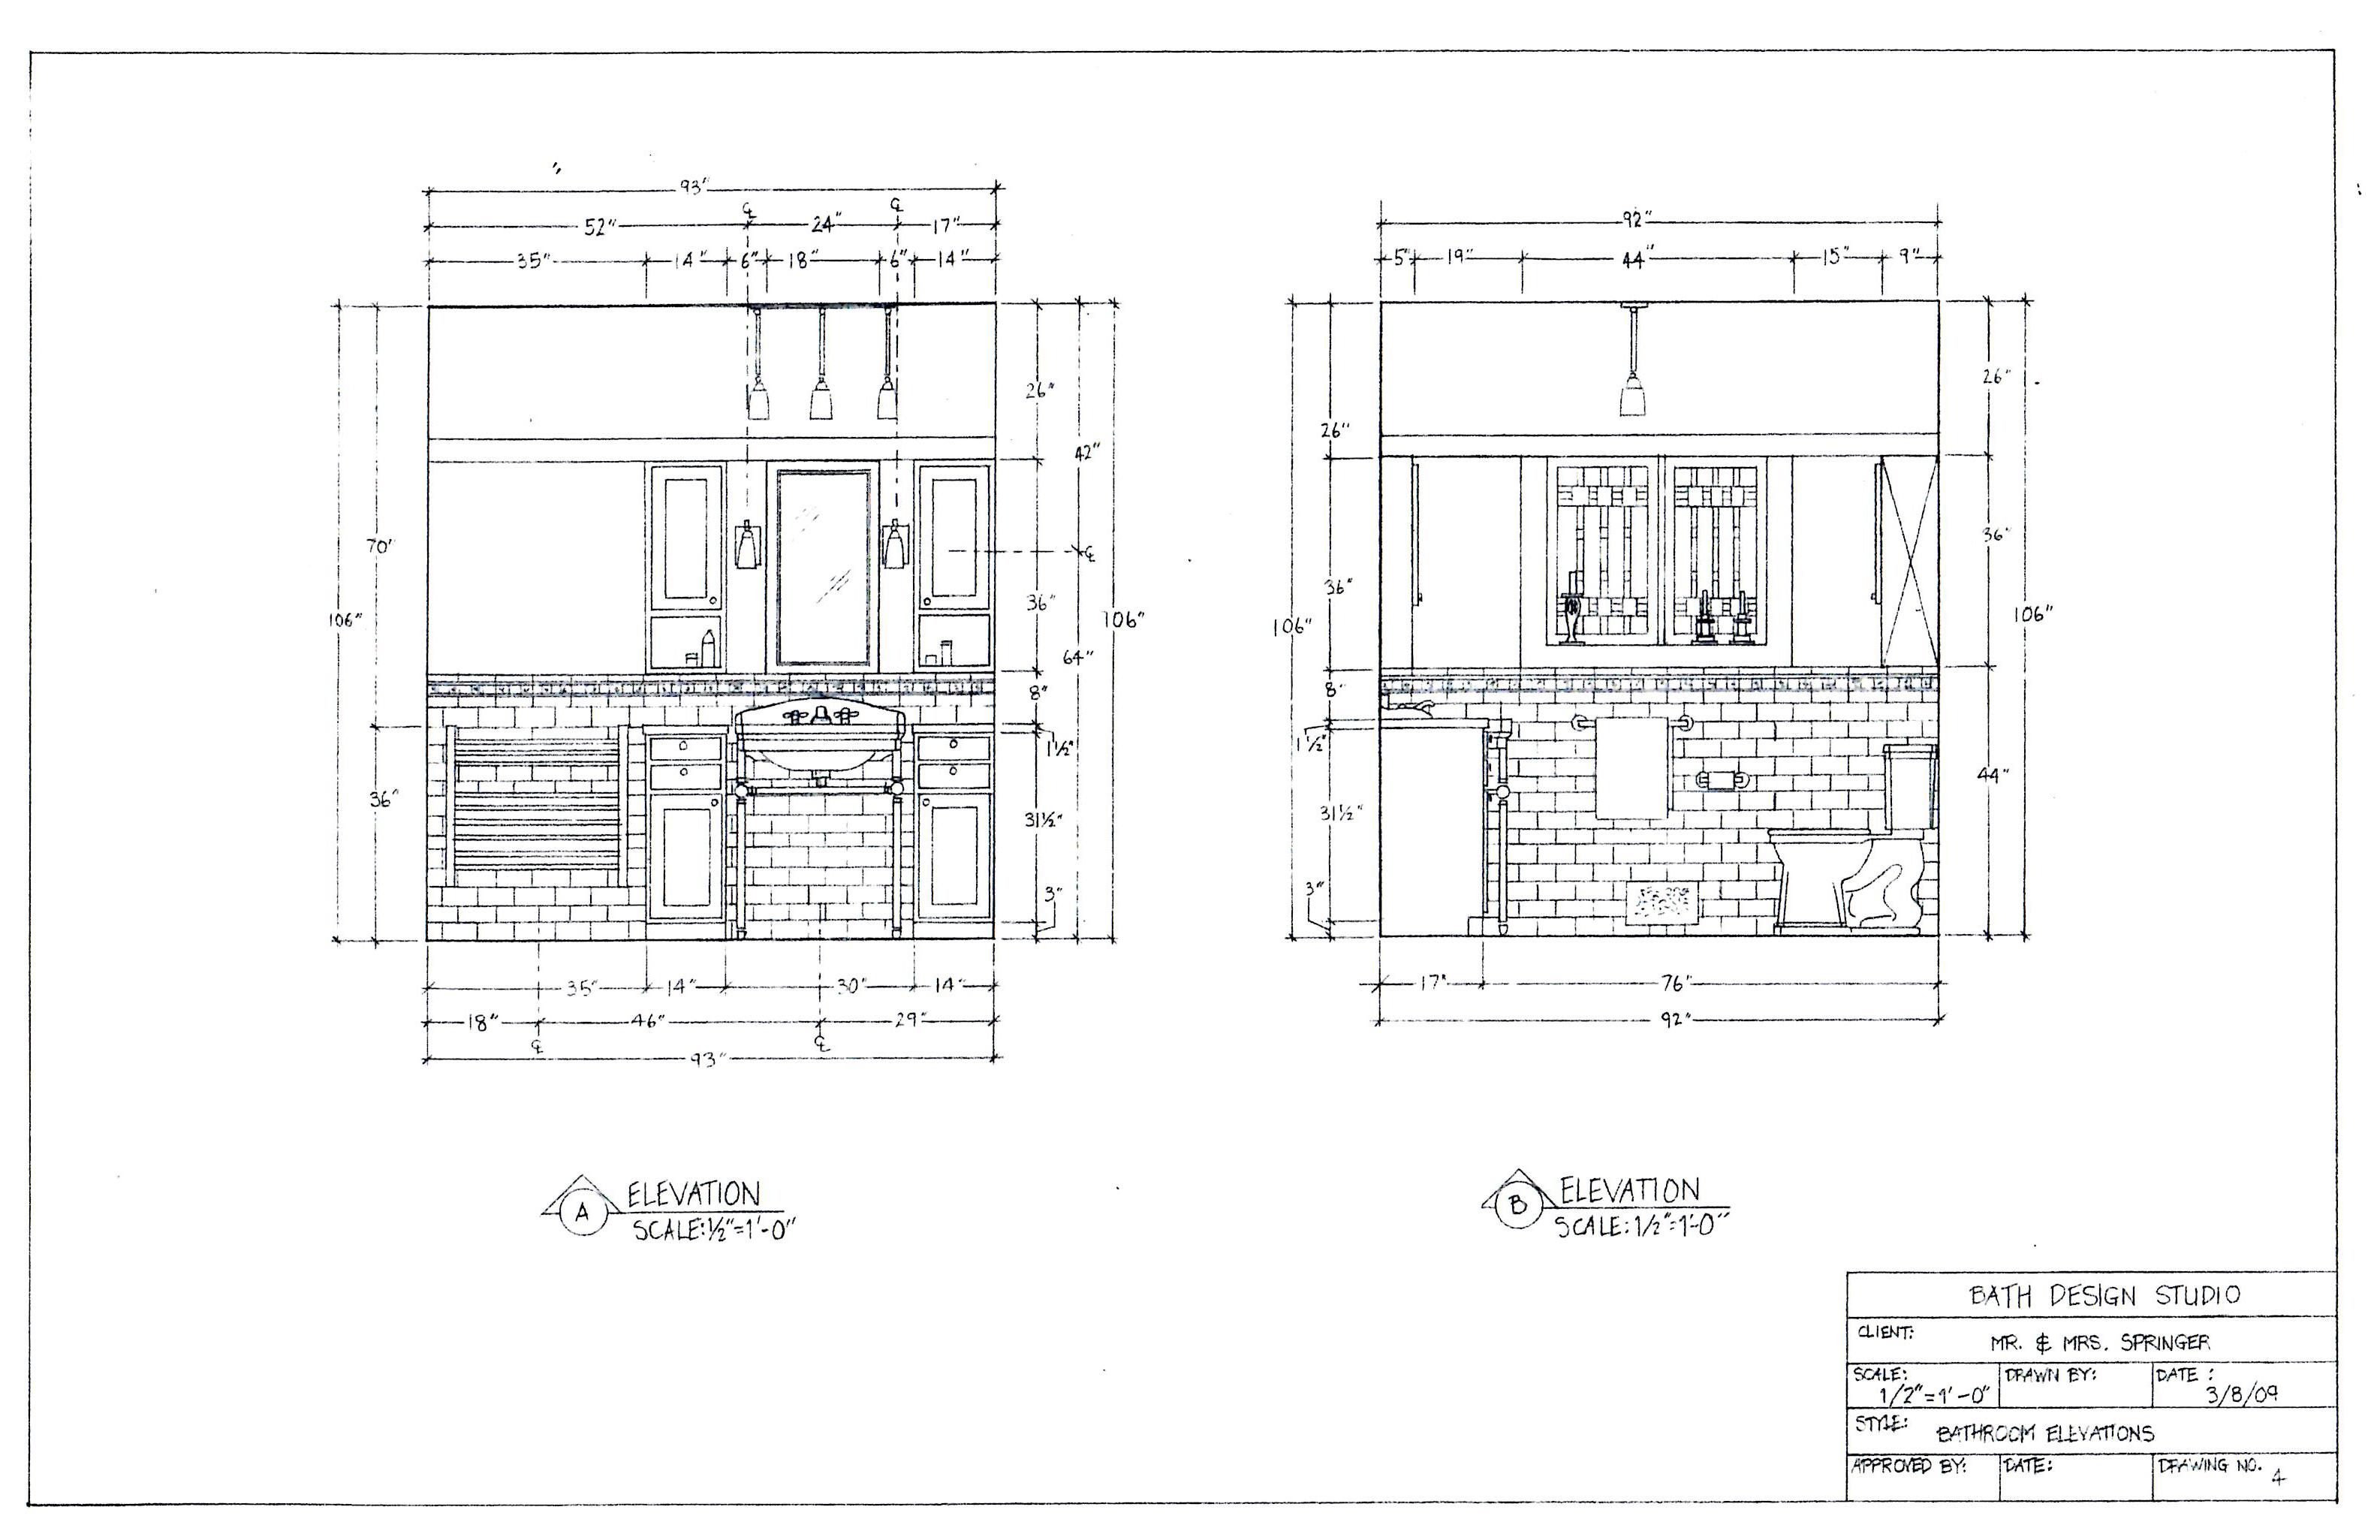 designs bathroom elevation